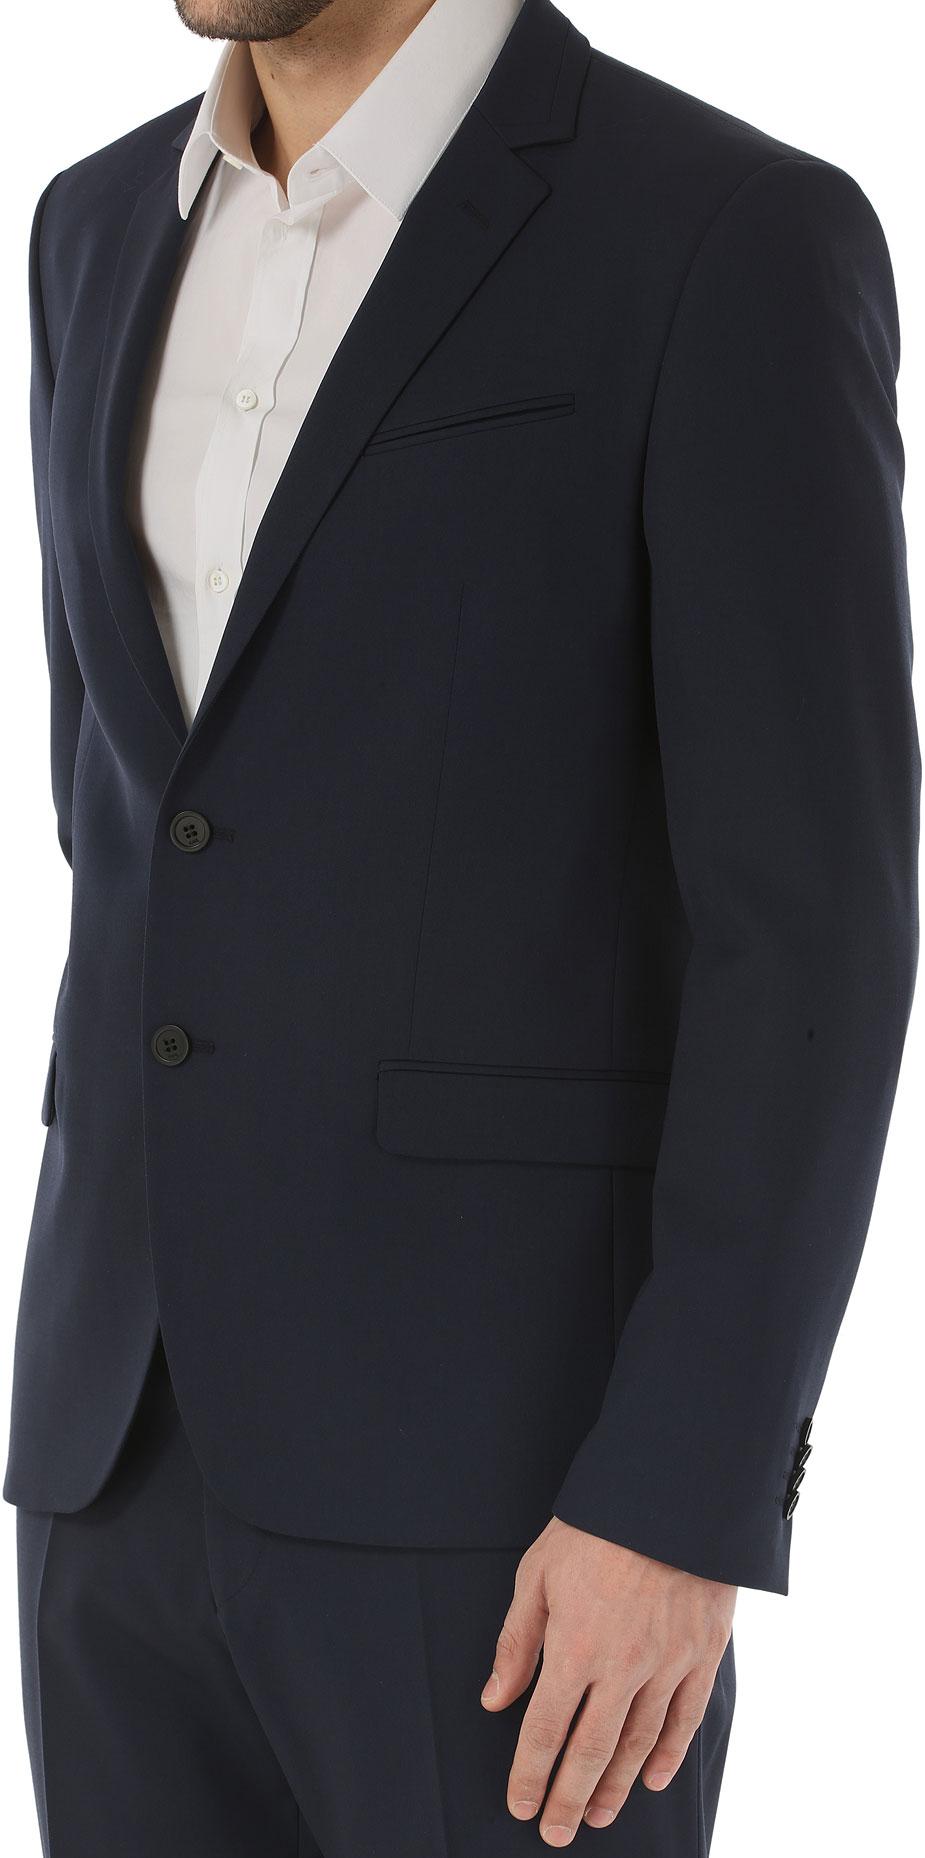 Codice Articolo Abbigliamento 503 Karl Abbigliamento Uomo 538 Uomo 557 Lagerfeld UnnqST6v